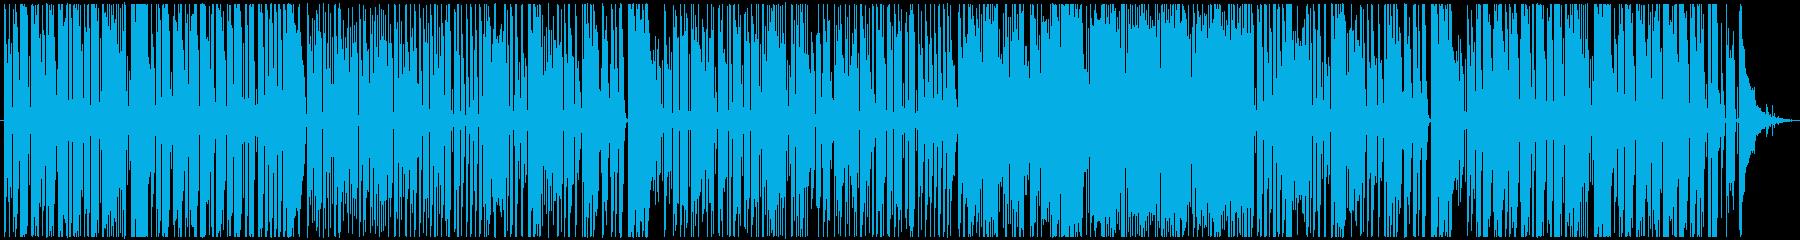 ポップロック トロピカル ポジティ...の再生済みの波形